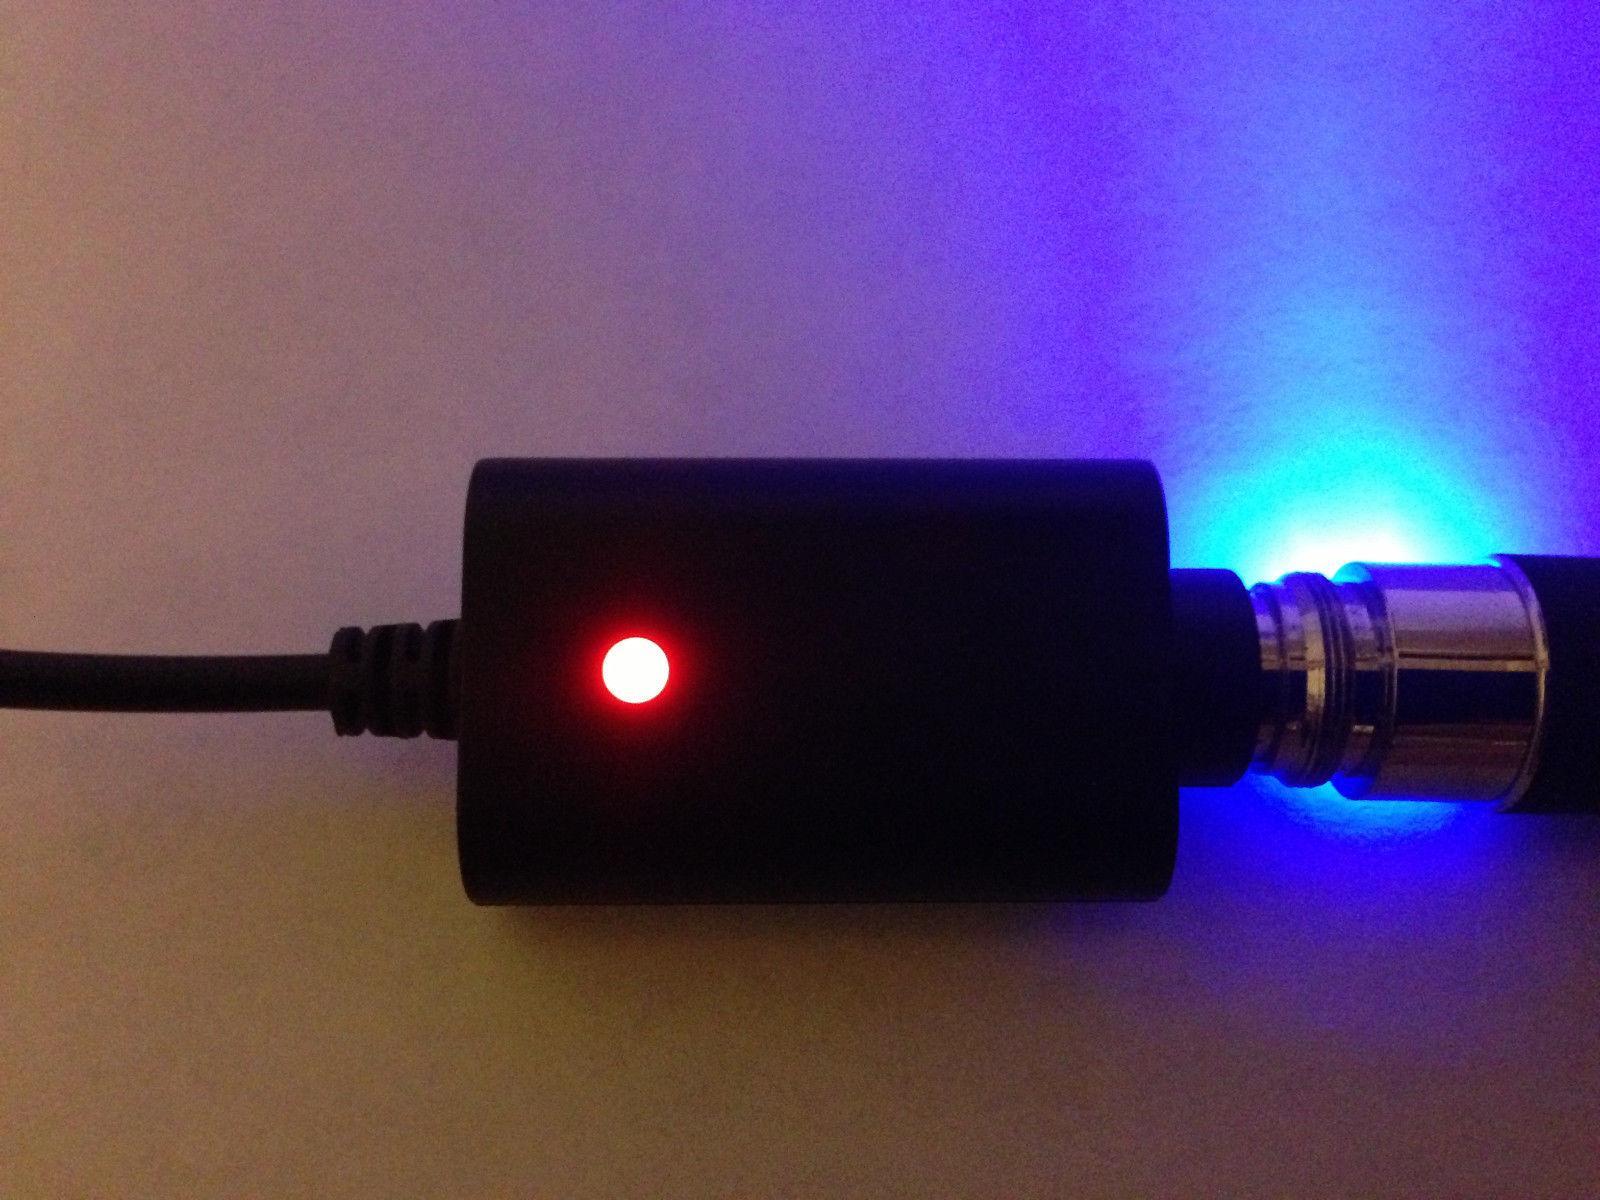 Chargeur de câble USB eGo pour batterie eGo Cigarette électronique E-cigarette Kits de démarrage eGo-T eGo eGo EVOD Batterie eGo-C Twist Vision Spinner 2